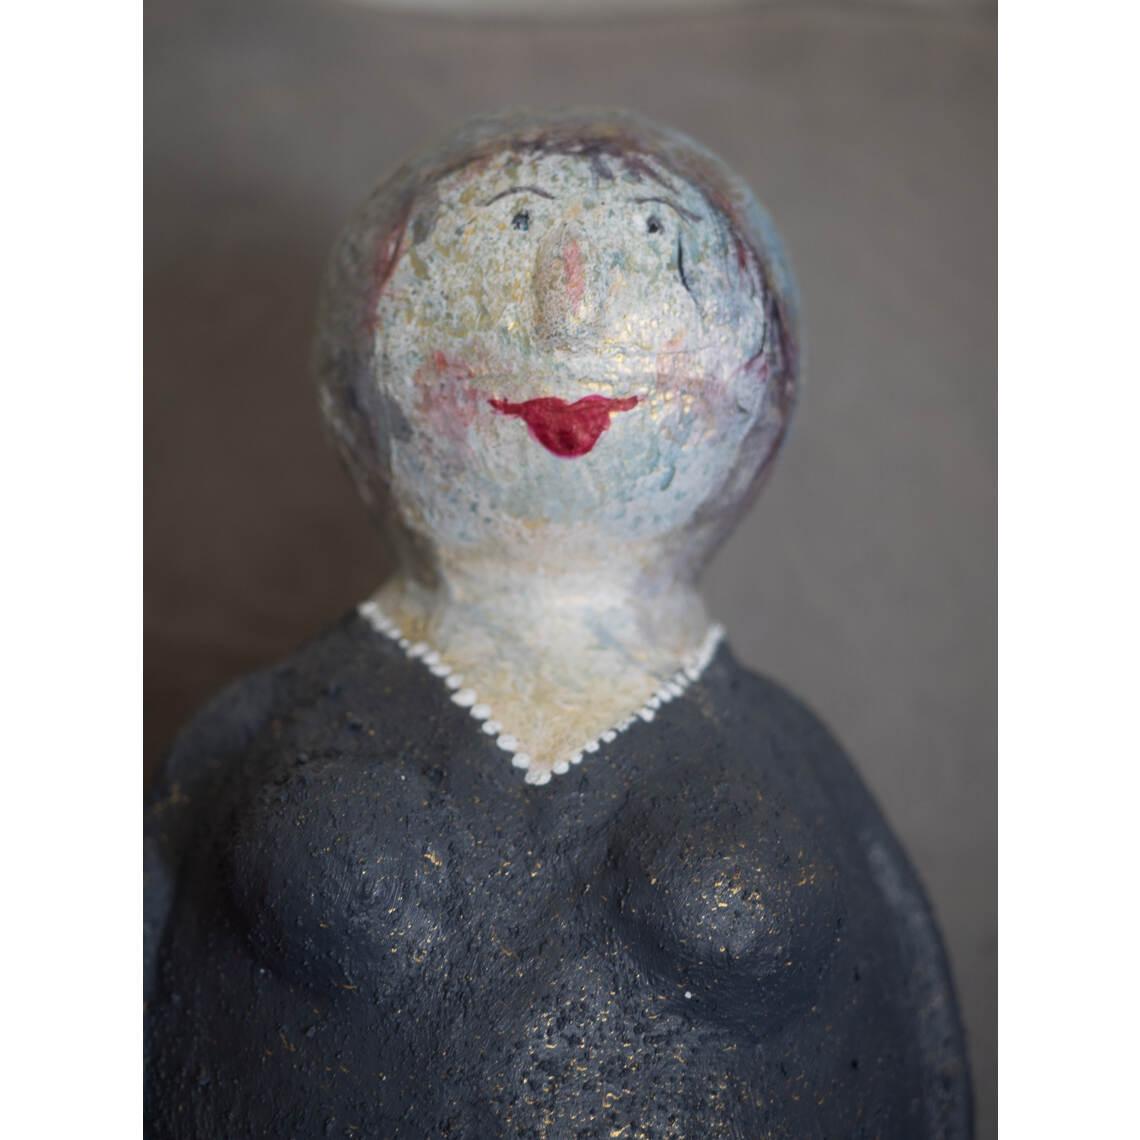 Objekte Workshop Workshops Braunschweig Dekorativ Figur sinnlich